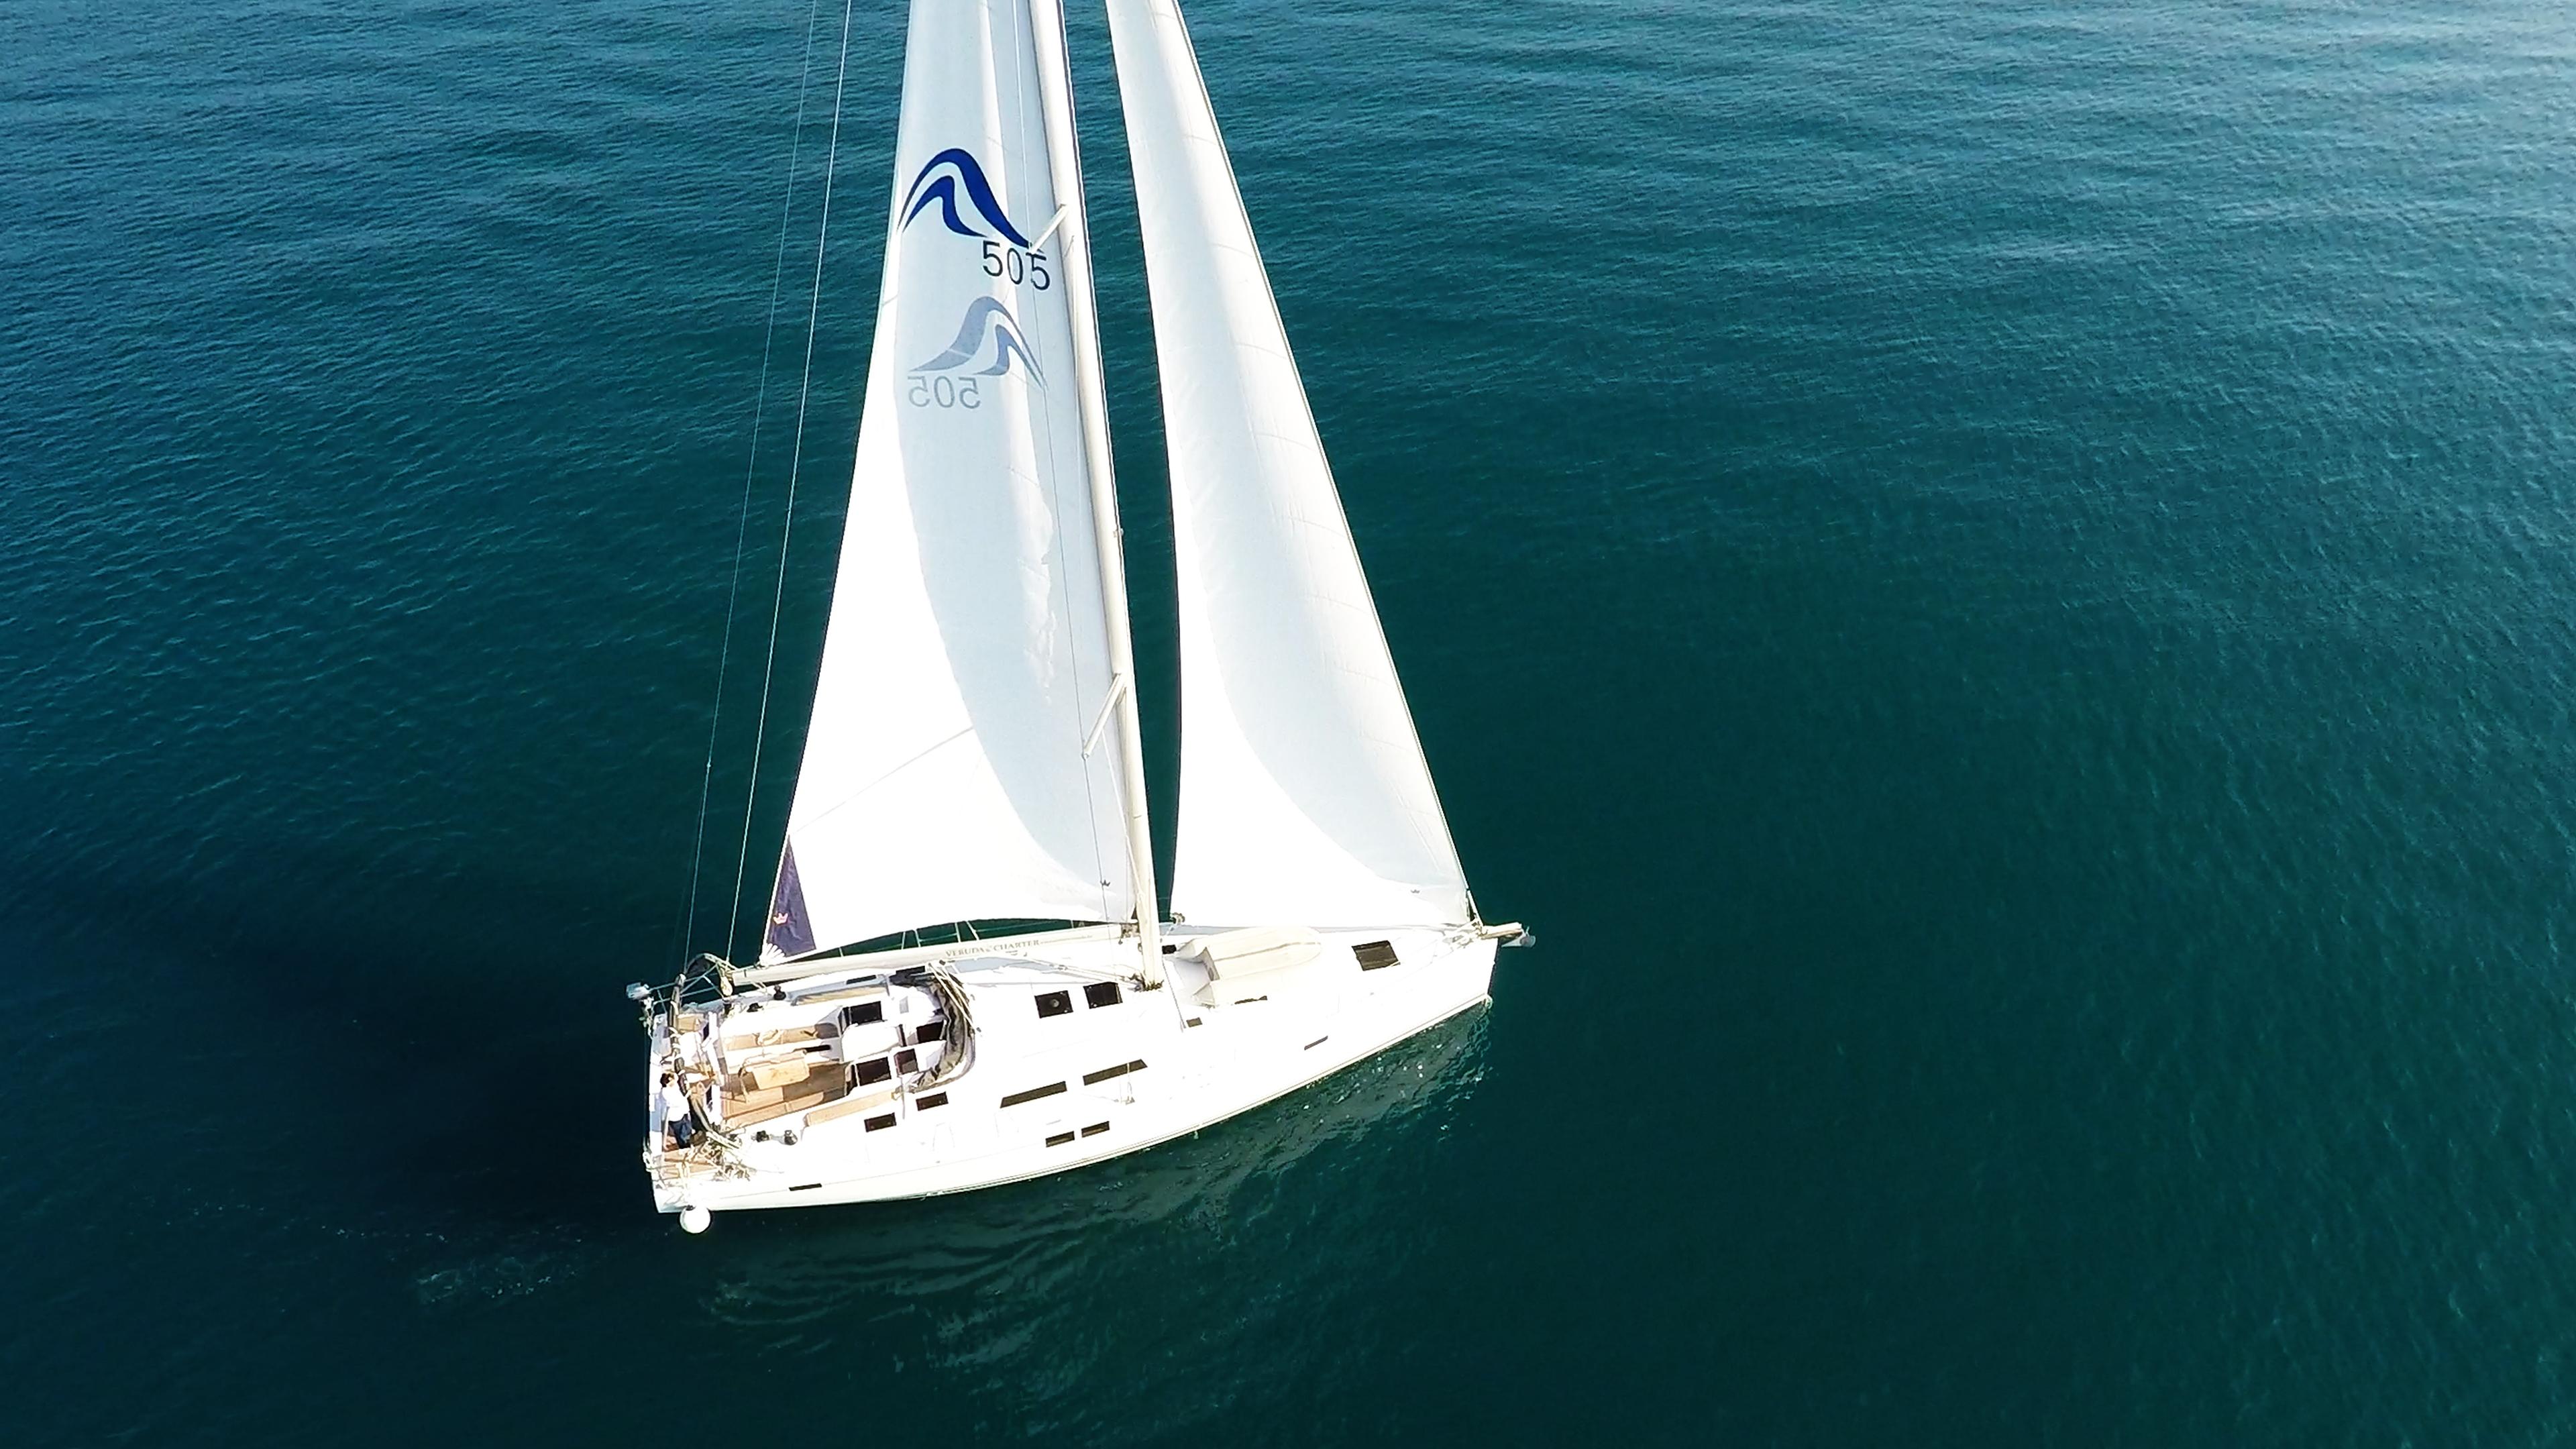 barcha a vela Hanse 505 yacht a vela 1